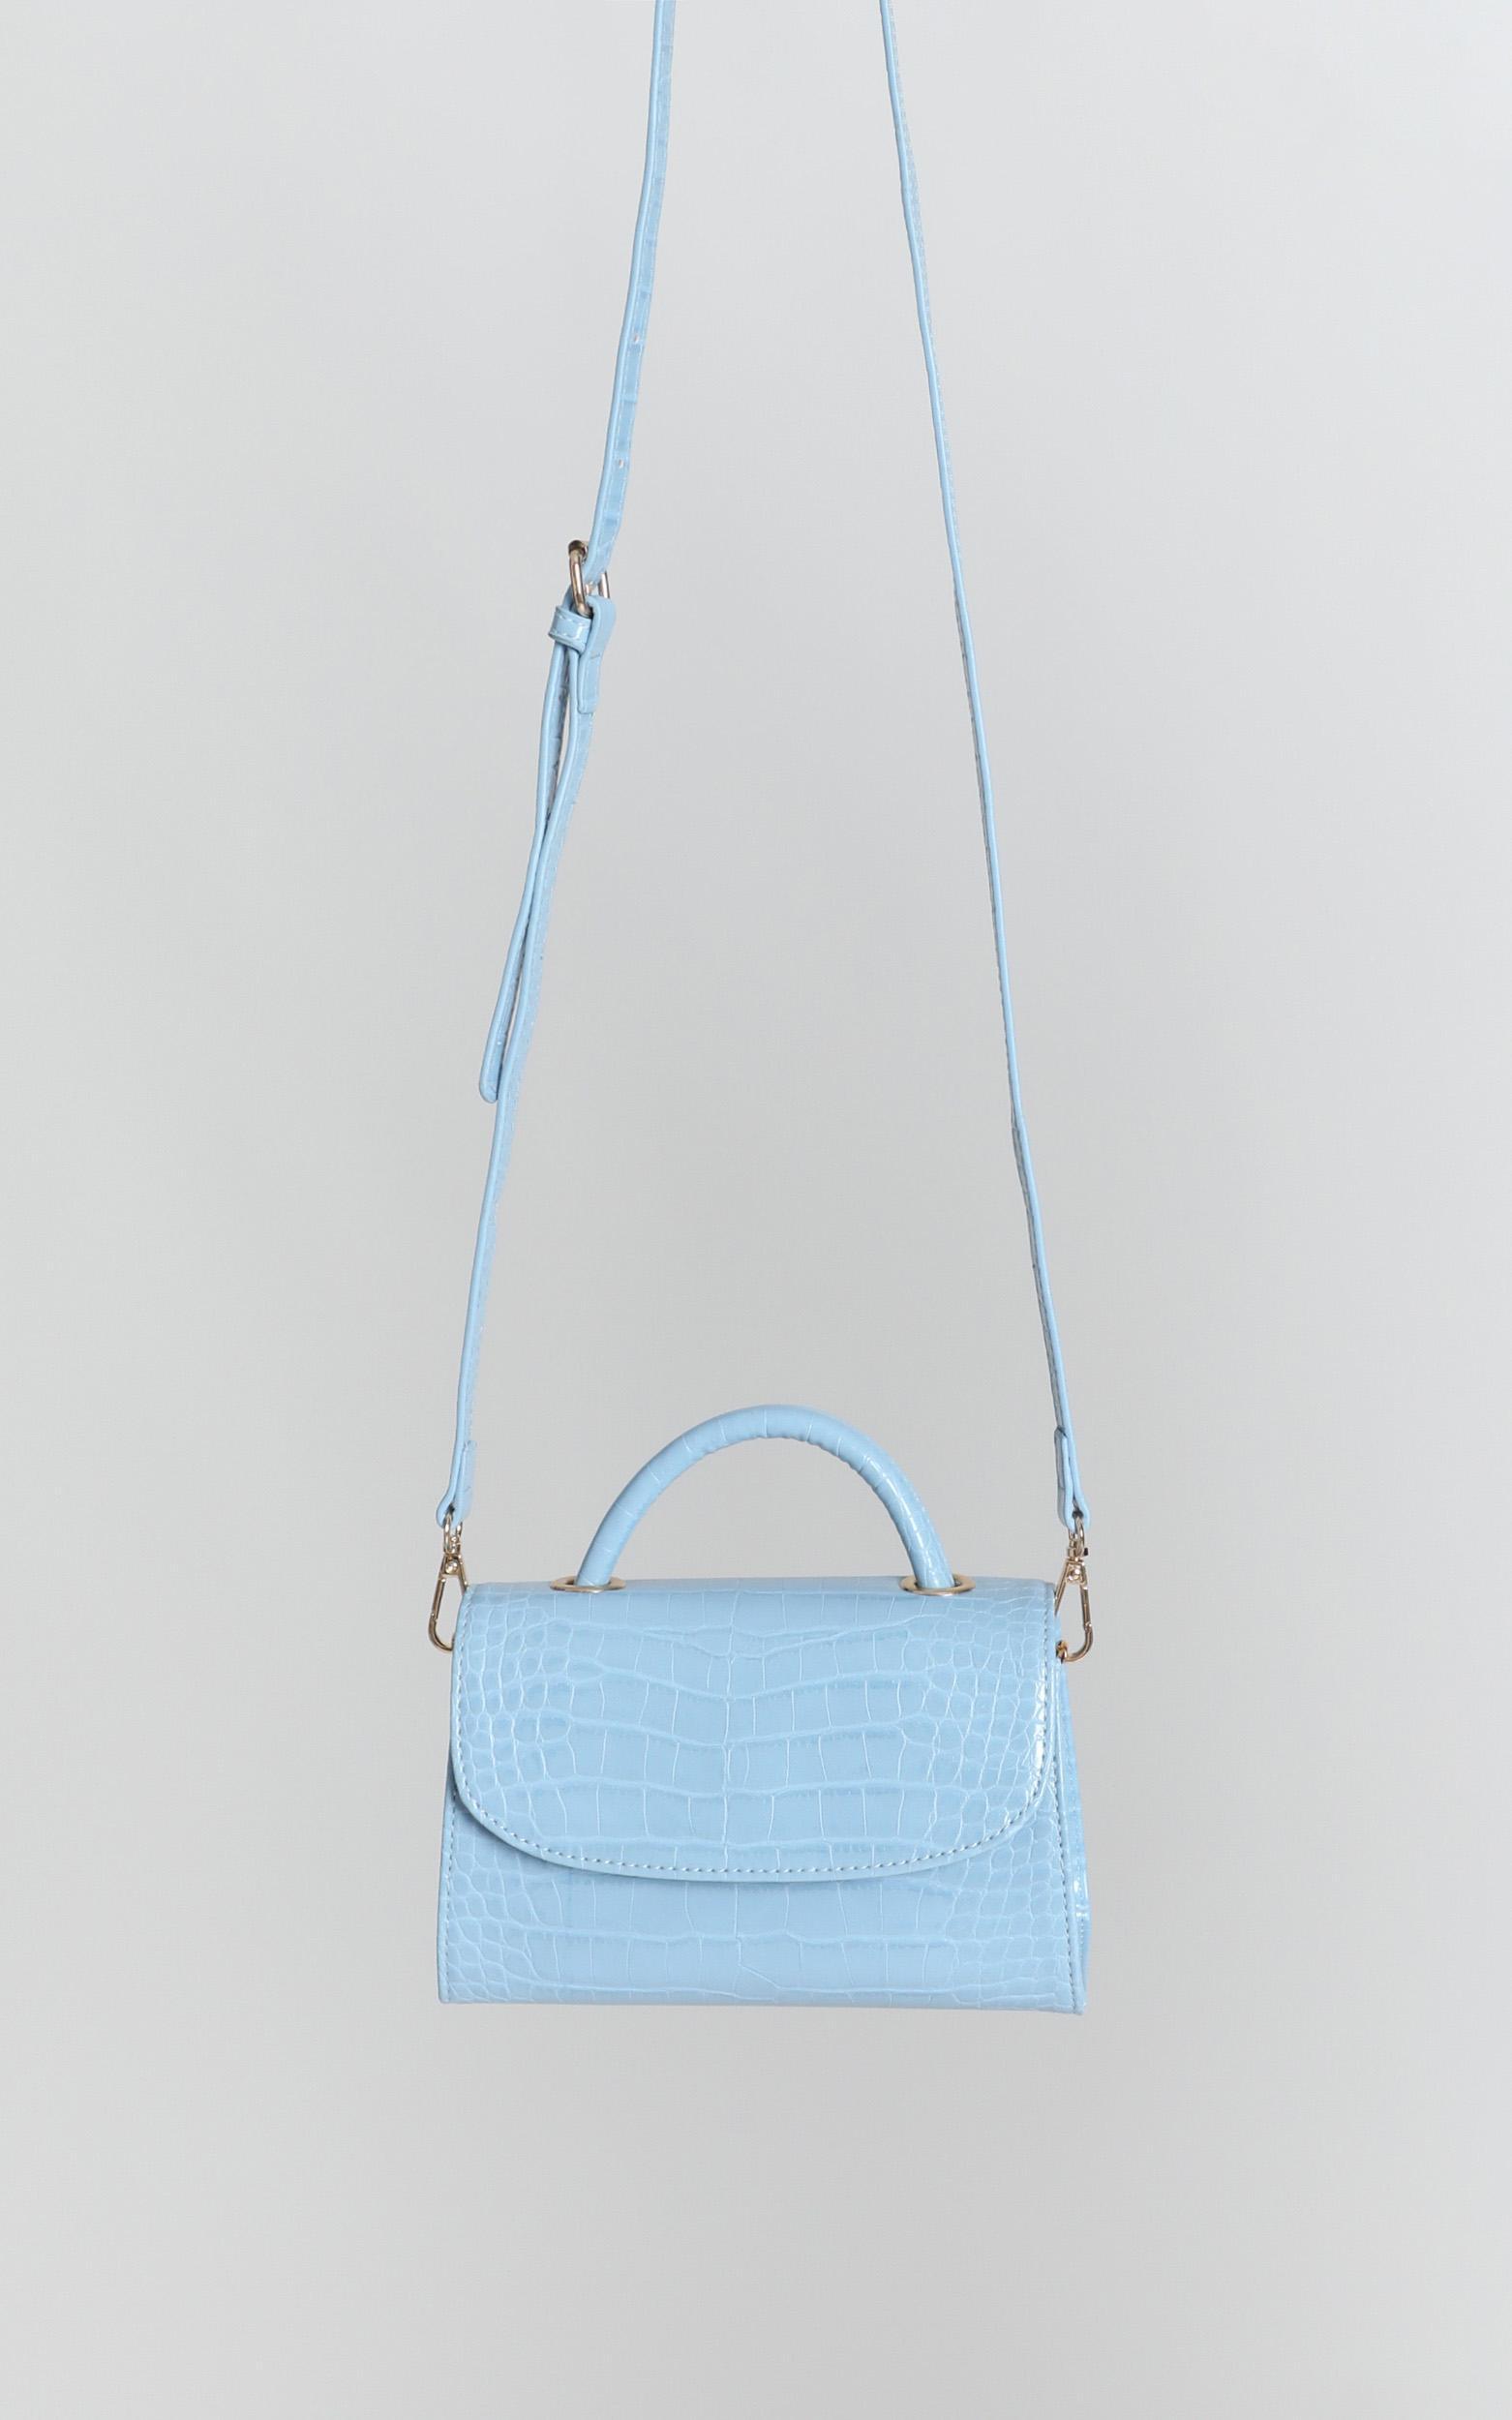 Afternoon Daze Bag In Blue Croc, , hi-res image number null